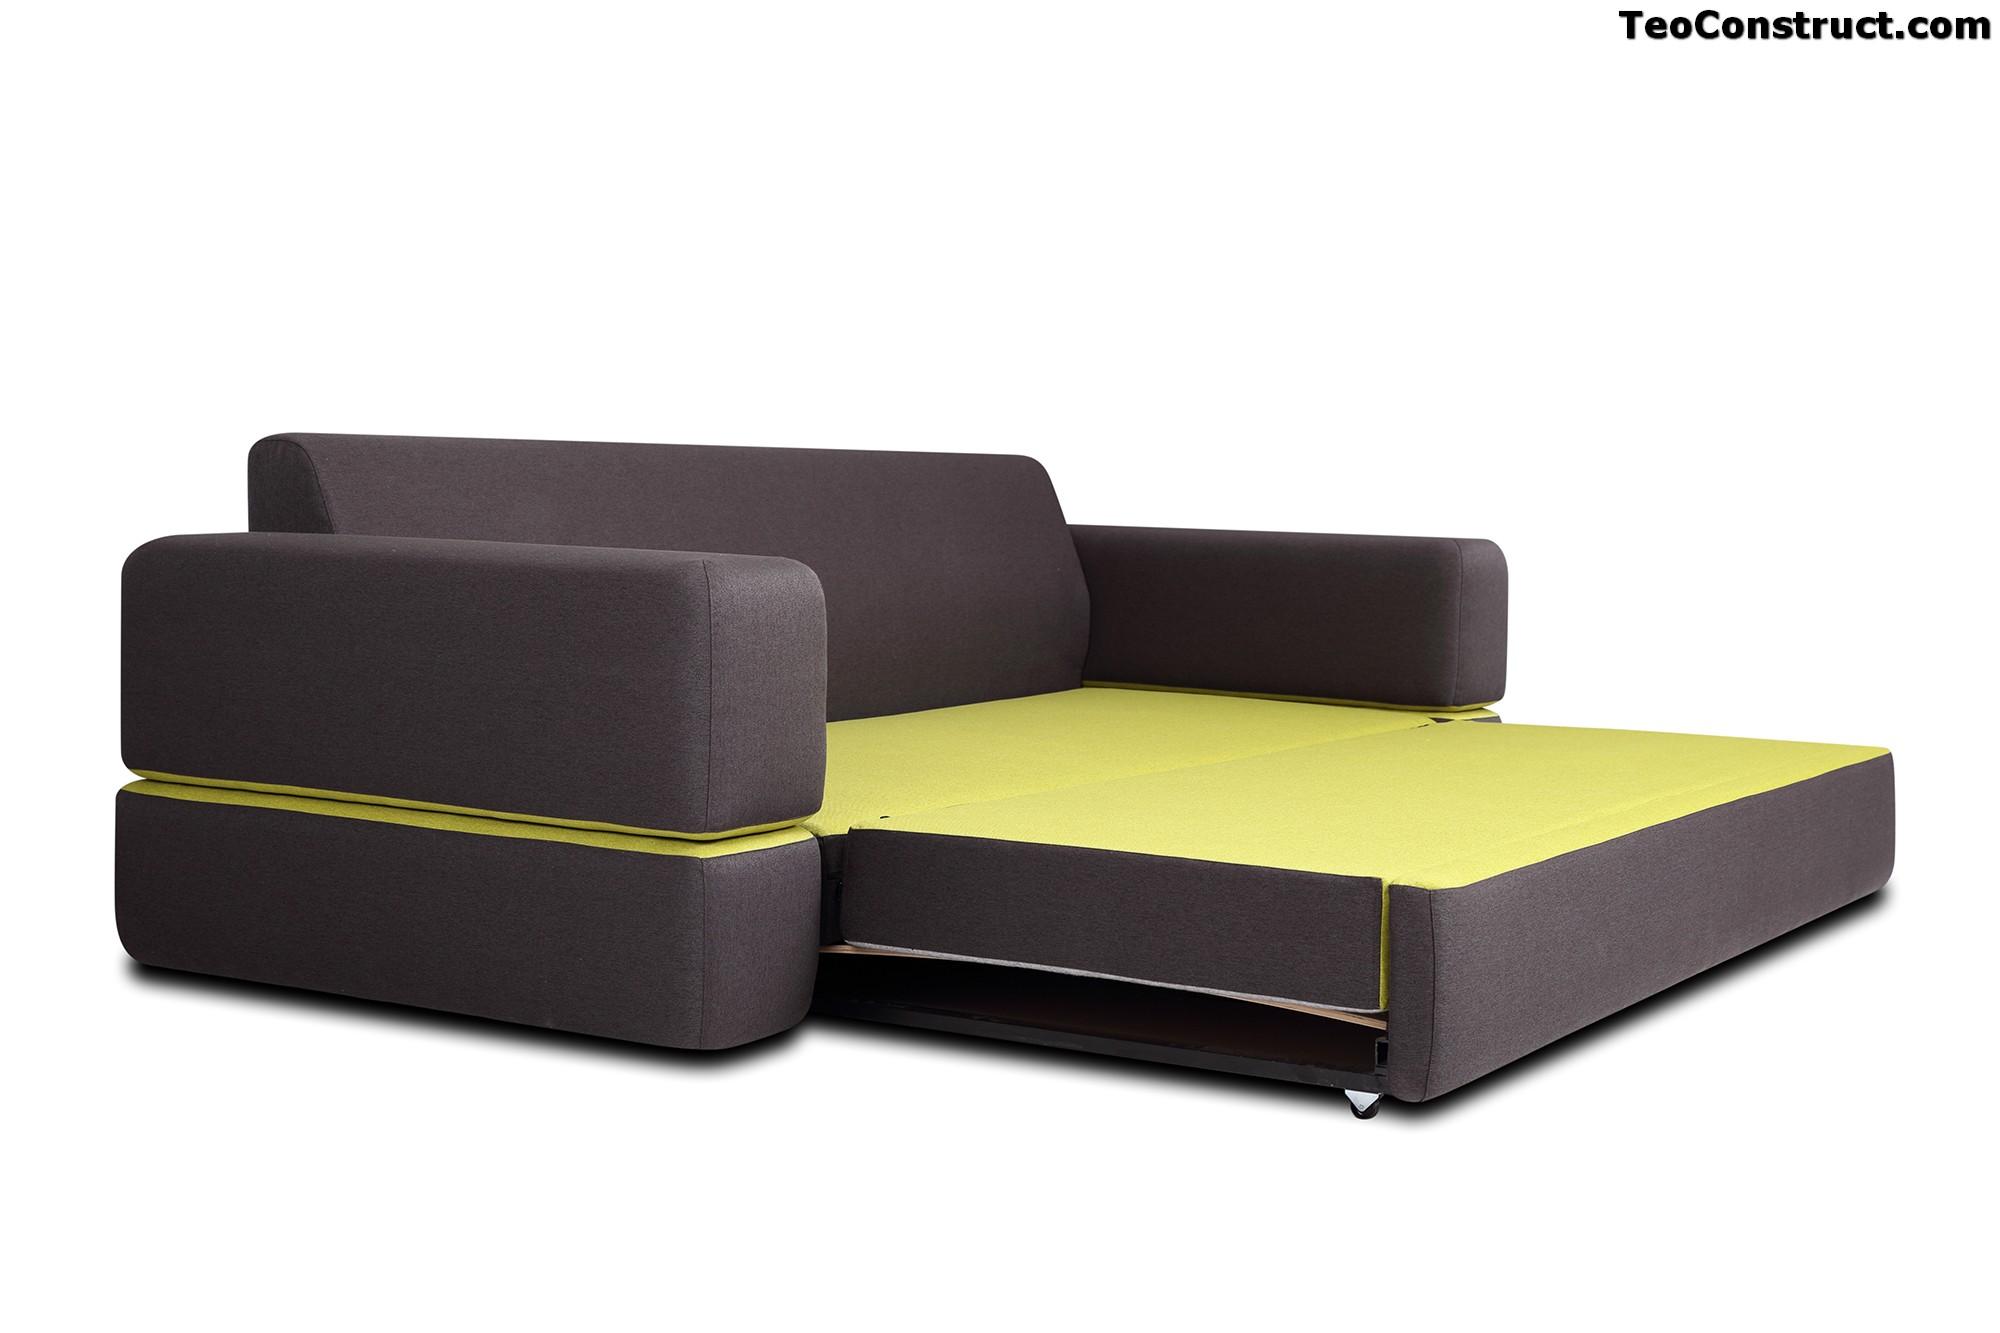 Canapea Open de calitate superioare09